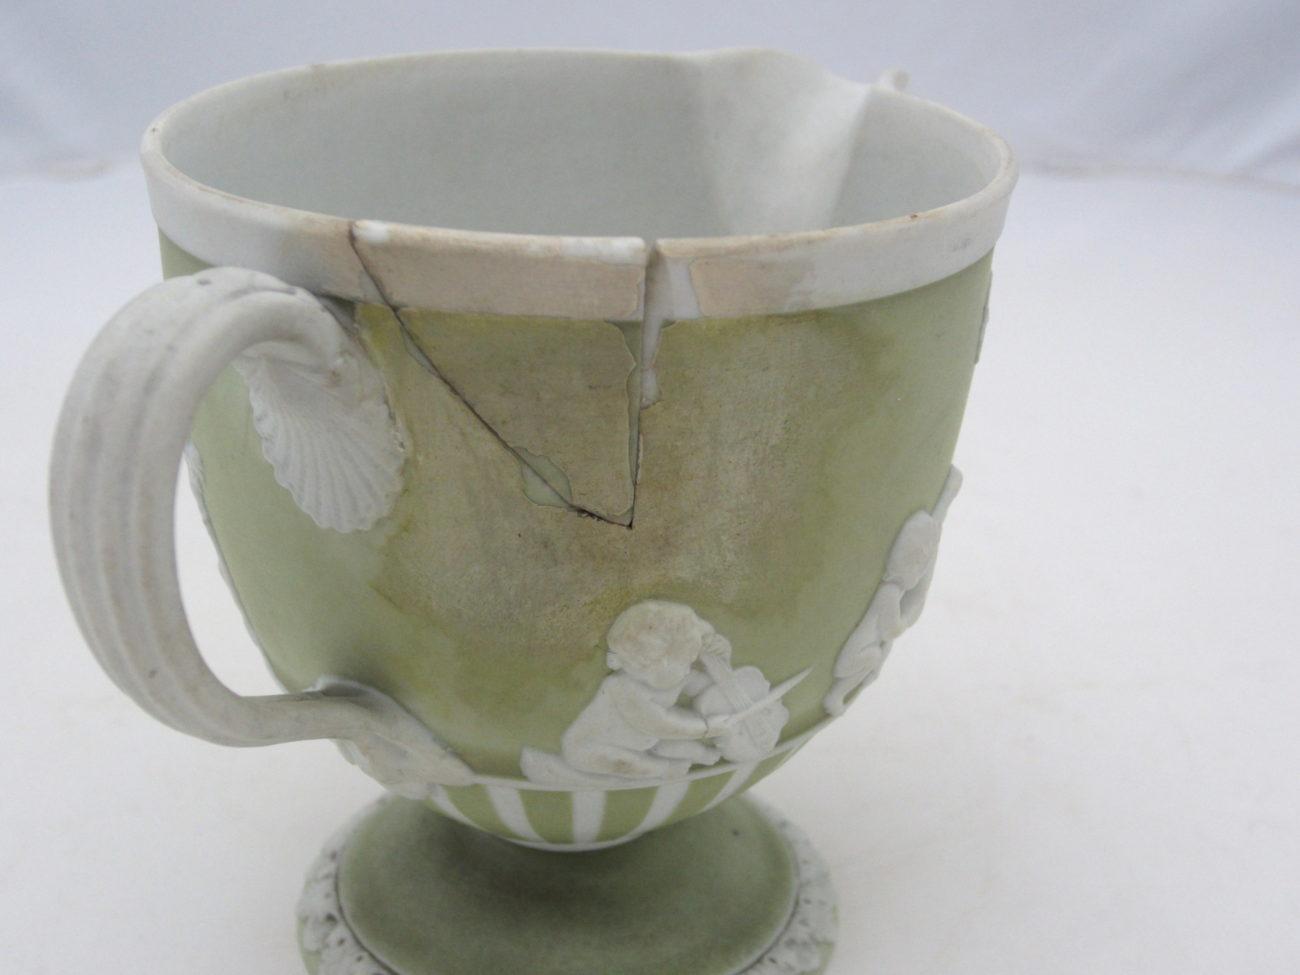 Restauration d'un pot à lait, Wedgwood, fin 18ème siècle